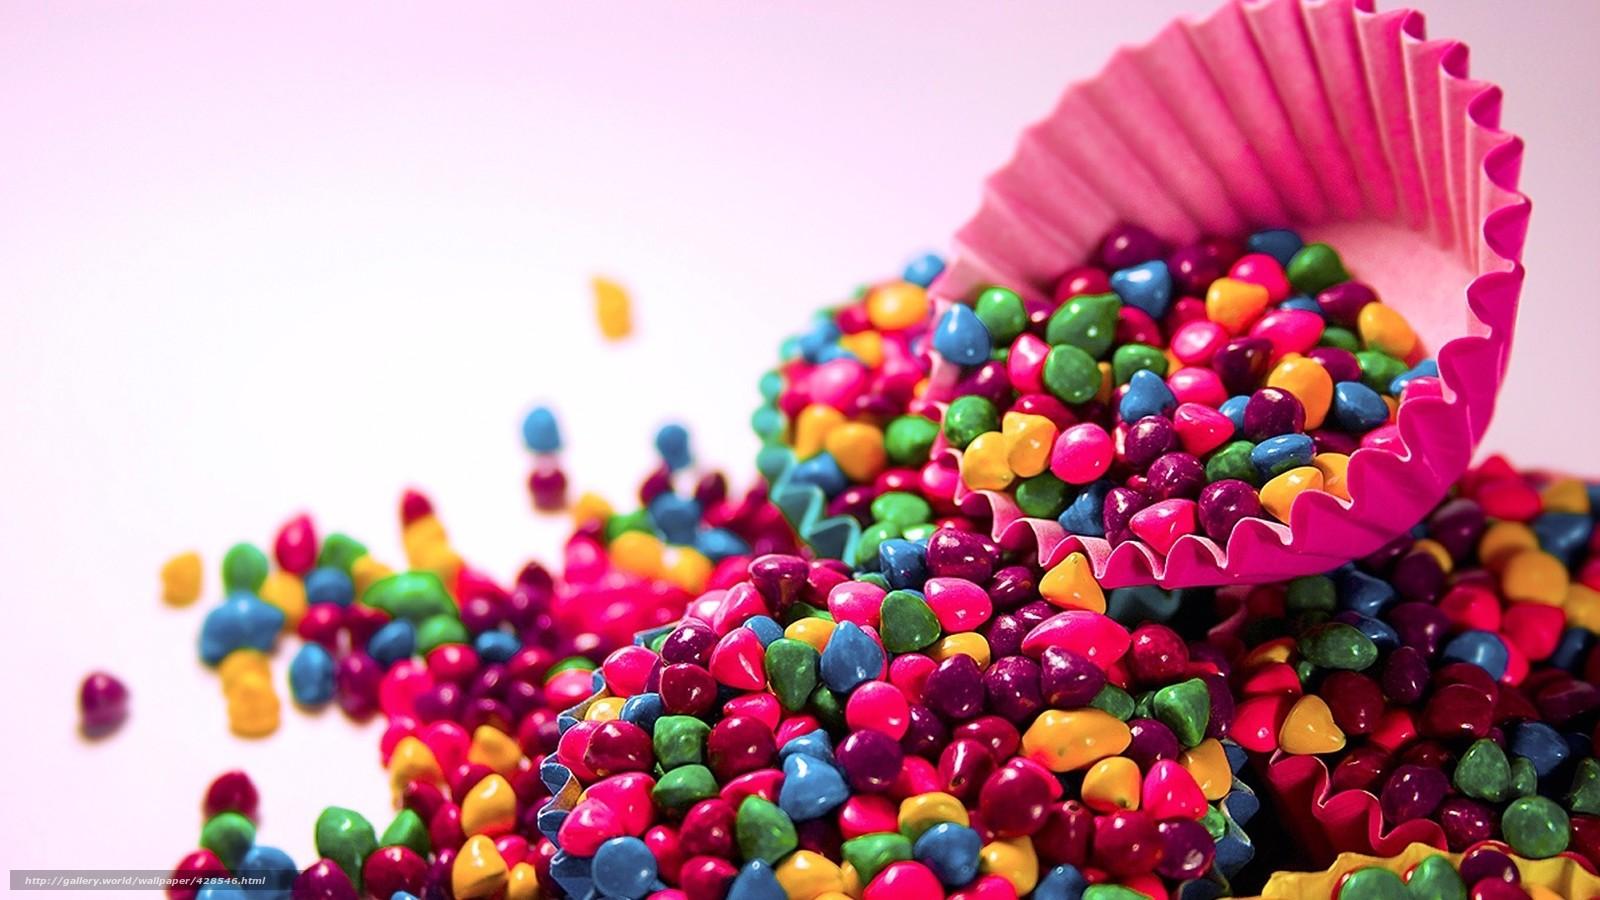 Tlcharger Fond d'ecran Humeur, bonbons, Chrie, couleur Fonds d'ecran ...